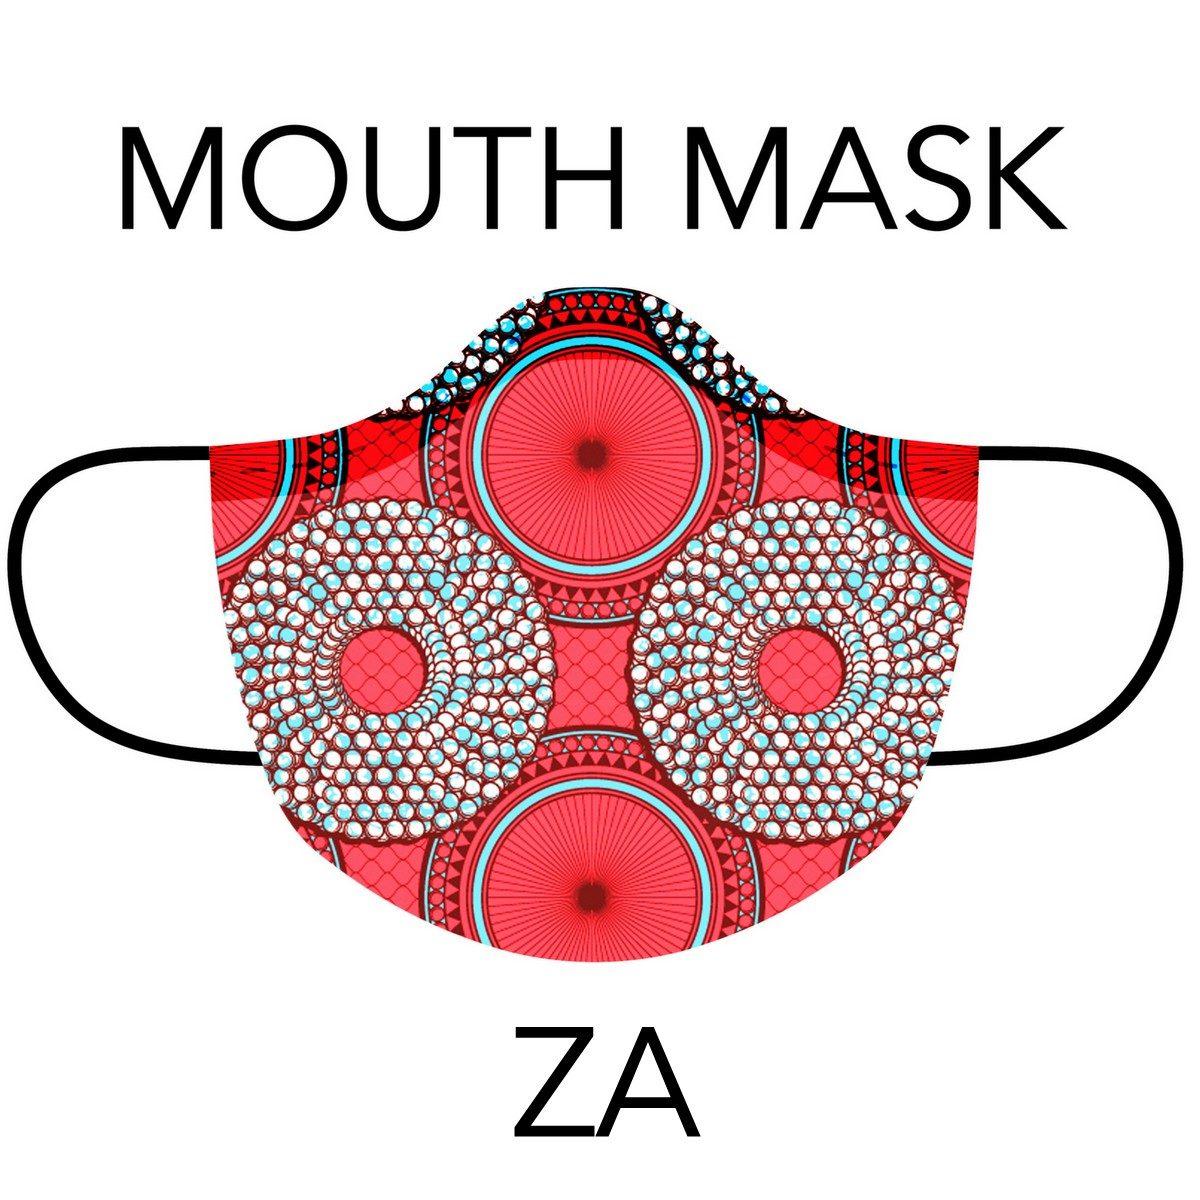 Mouth Mask ZA